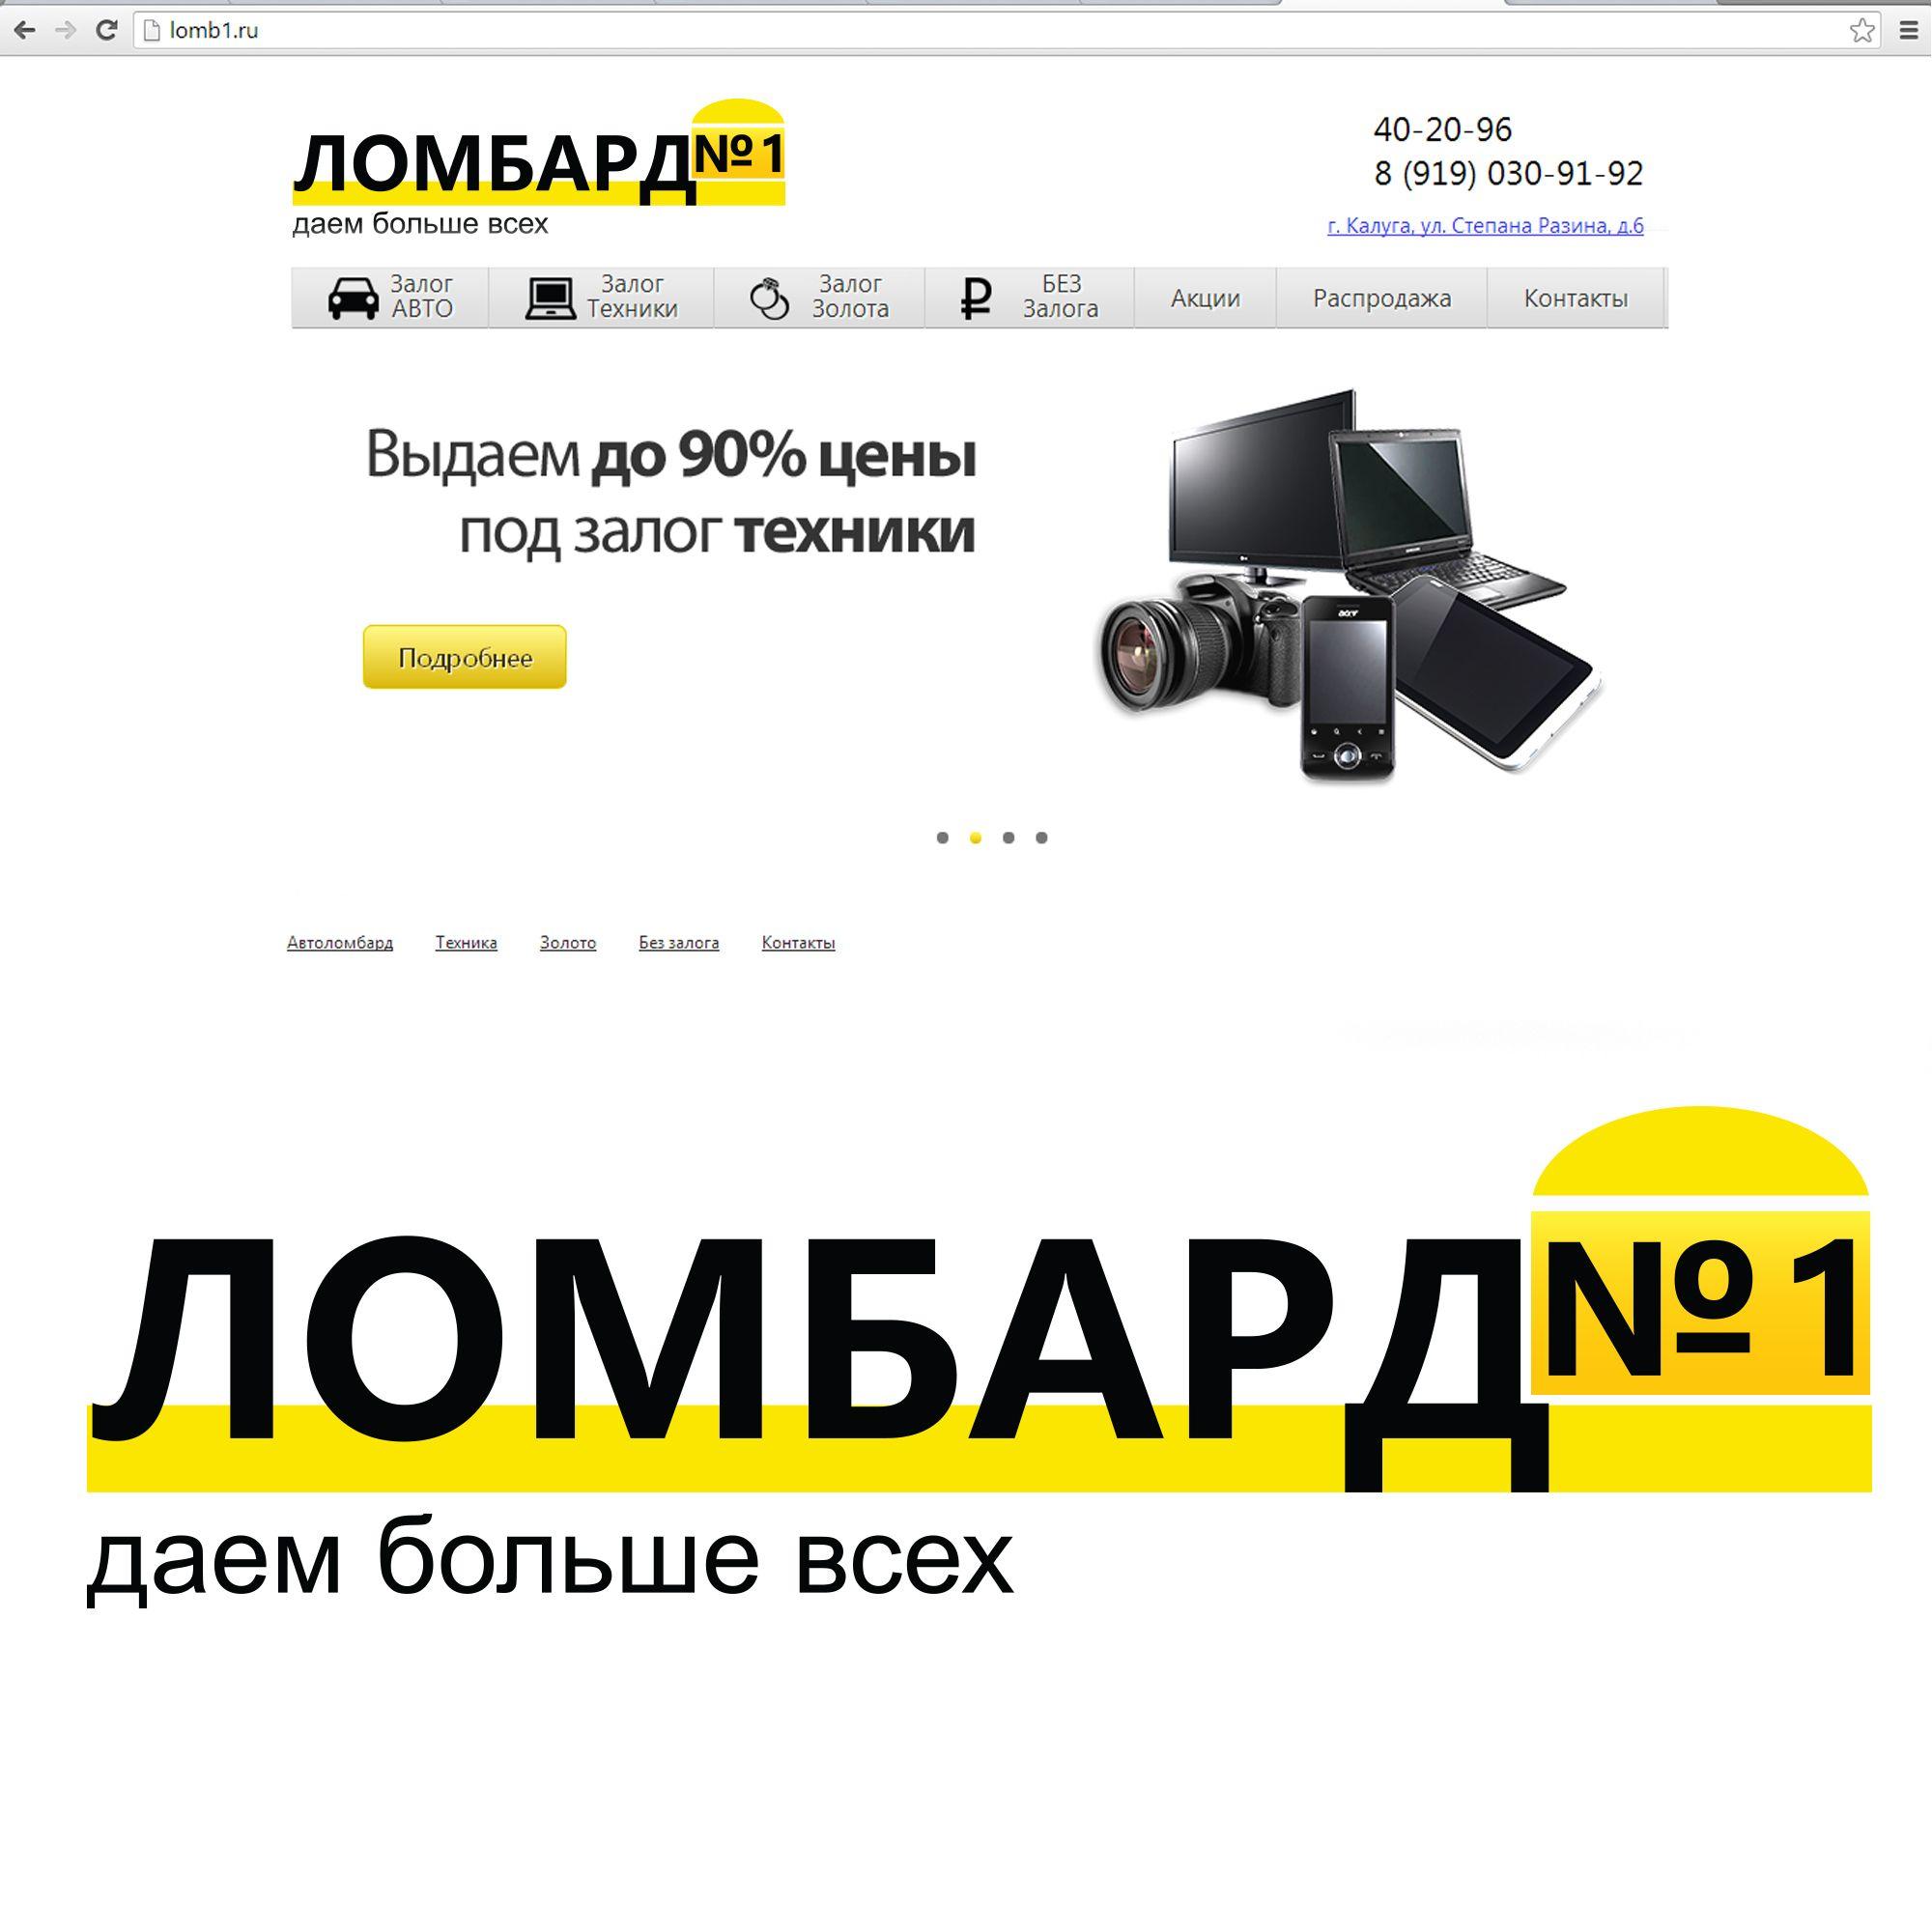 Дизайн логотипа Ломбард №1 - дизайнер Vladlena_A